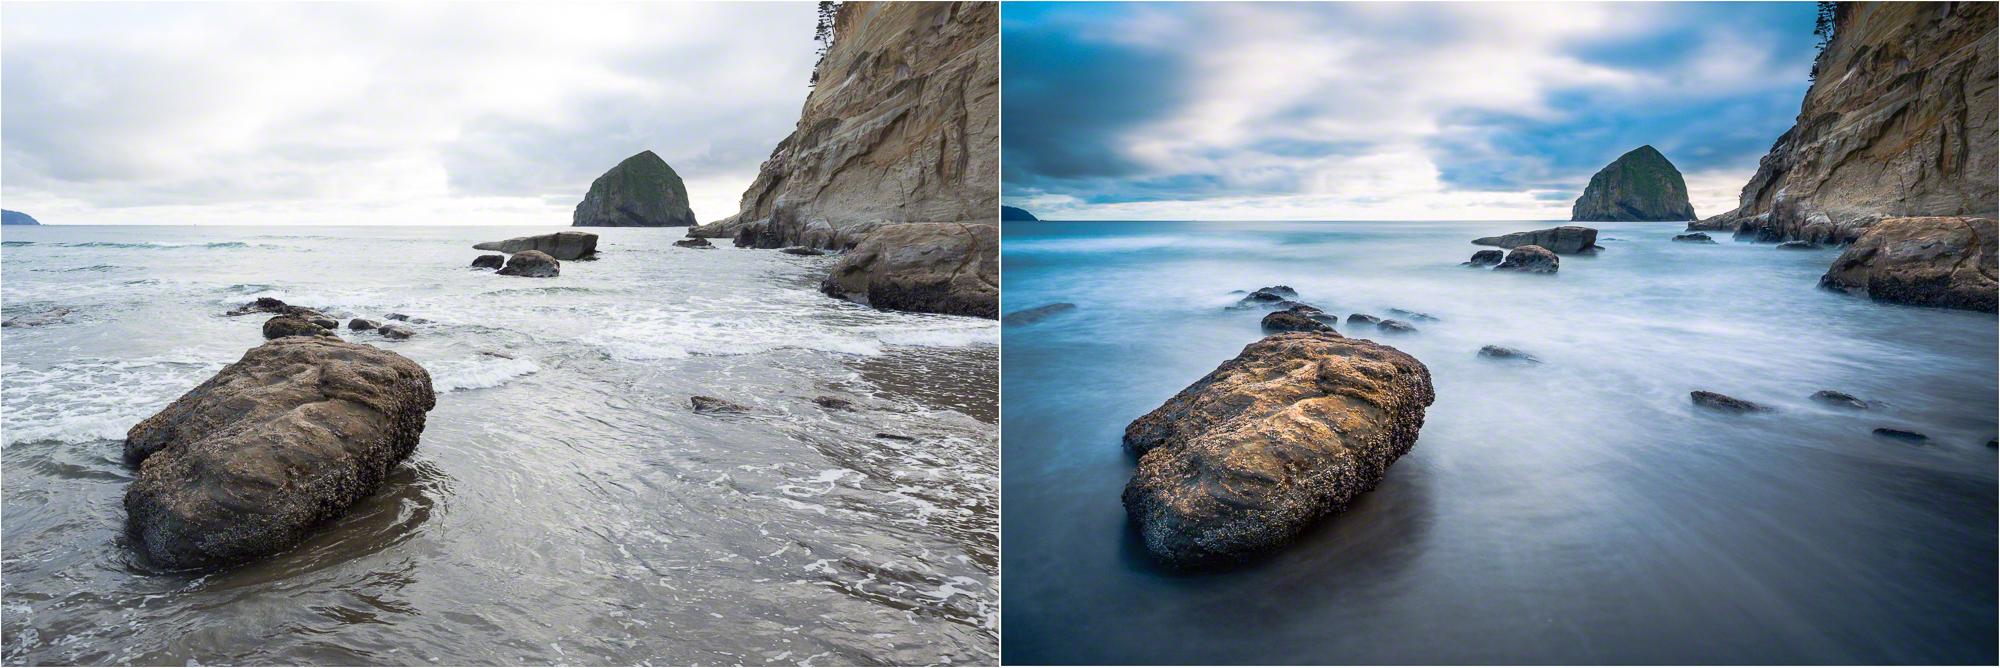 (Left) 1/45 sec; (Right) 30 sec